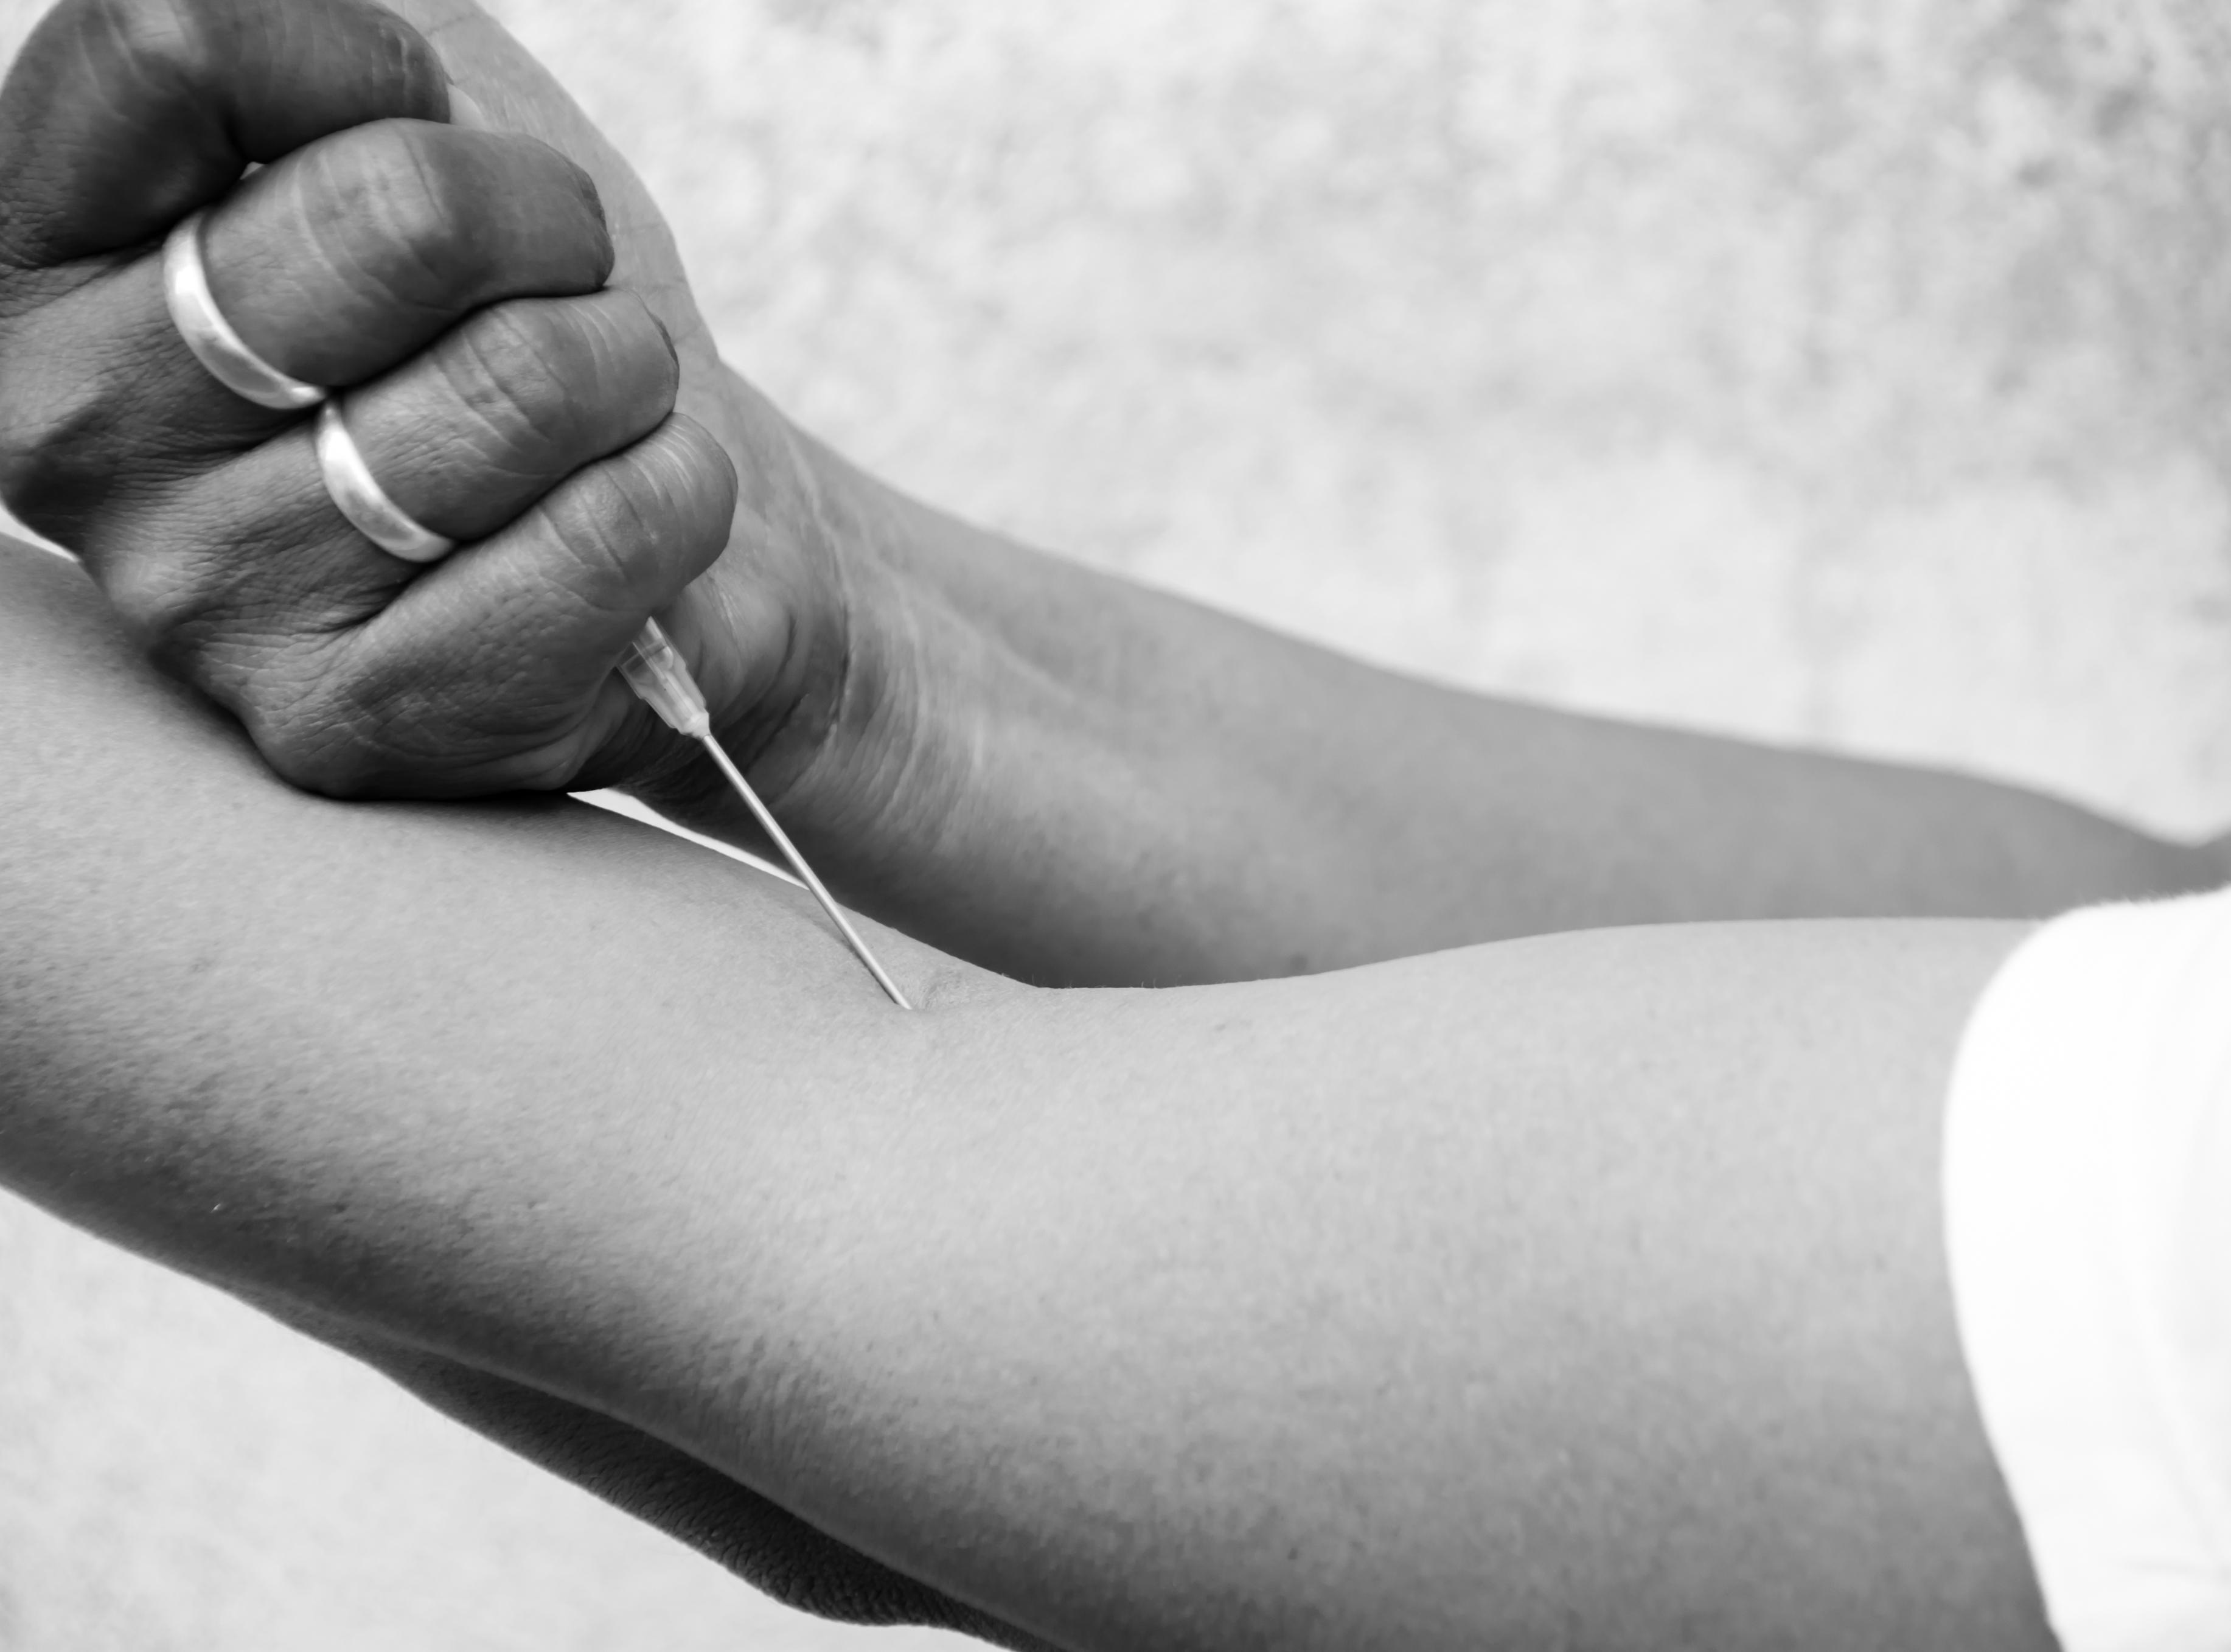 5.9.1. ВИЧ-инфекция среди наркопотребителей